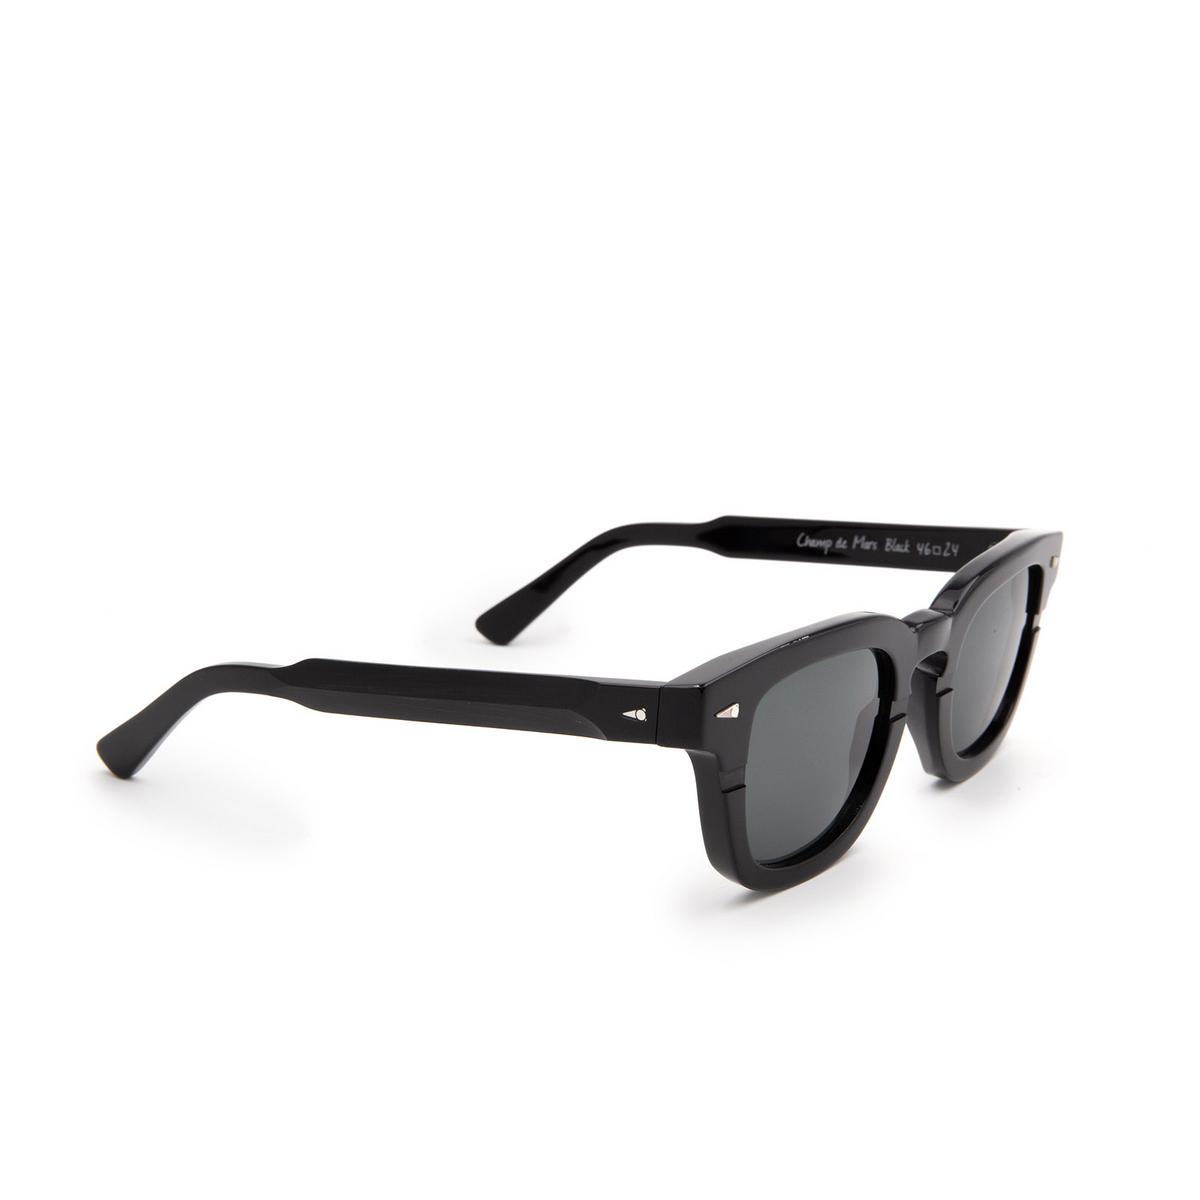 Ahlem® Square Sunglasses: Champ De Mars color Black.